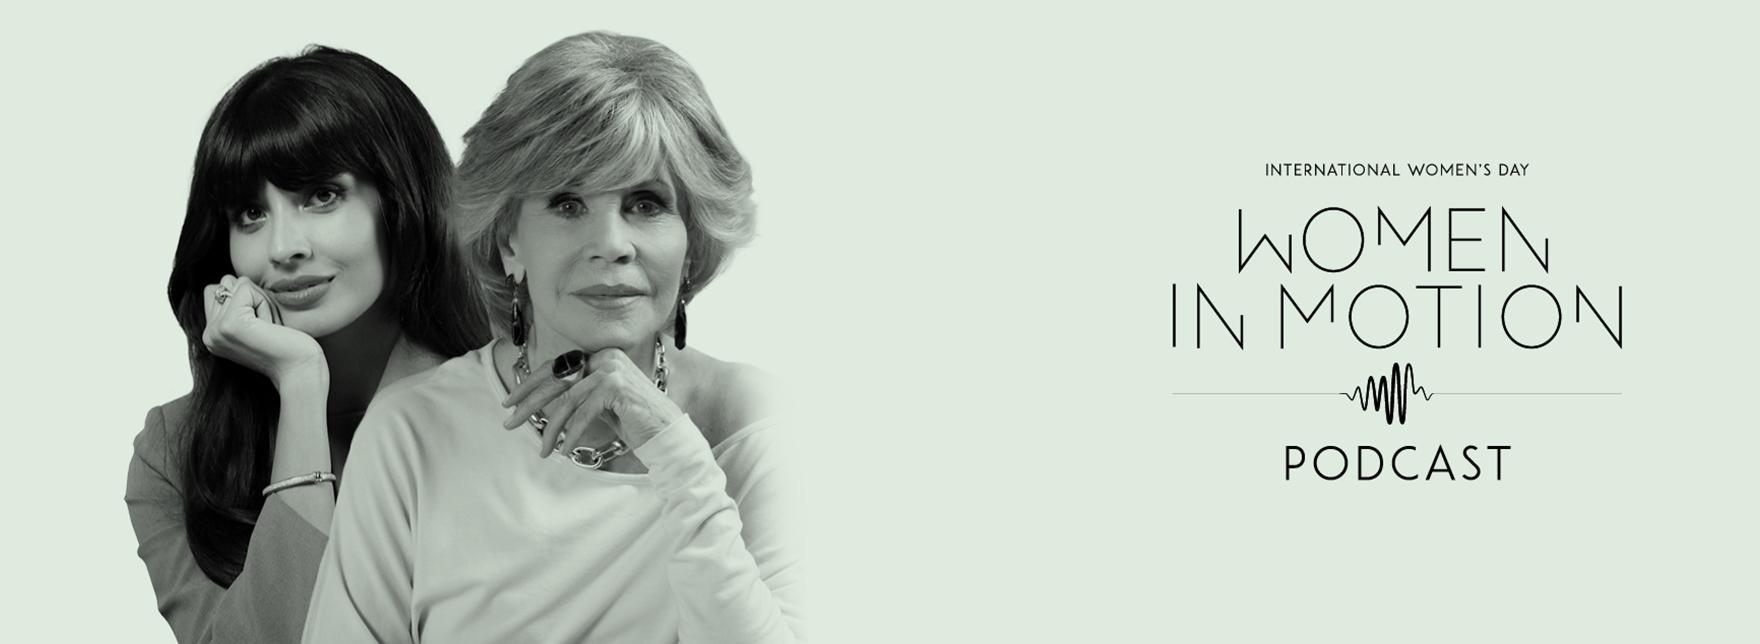 Jane Fonda Podcast Women in Motion Kering